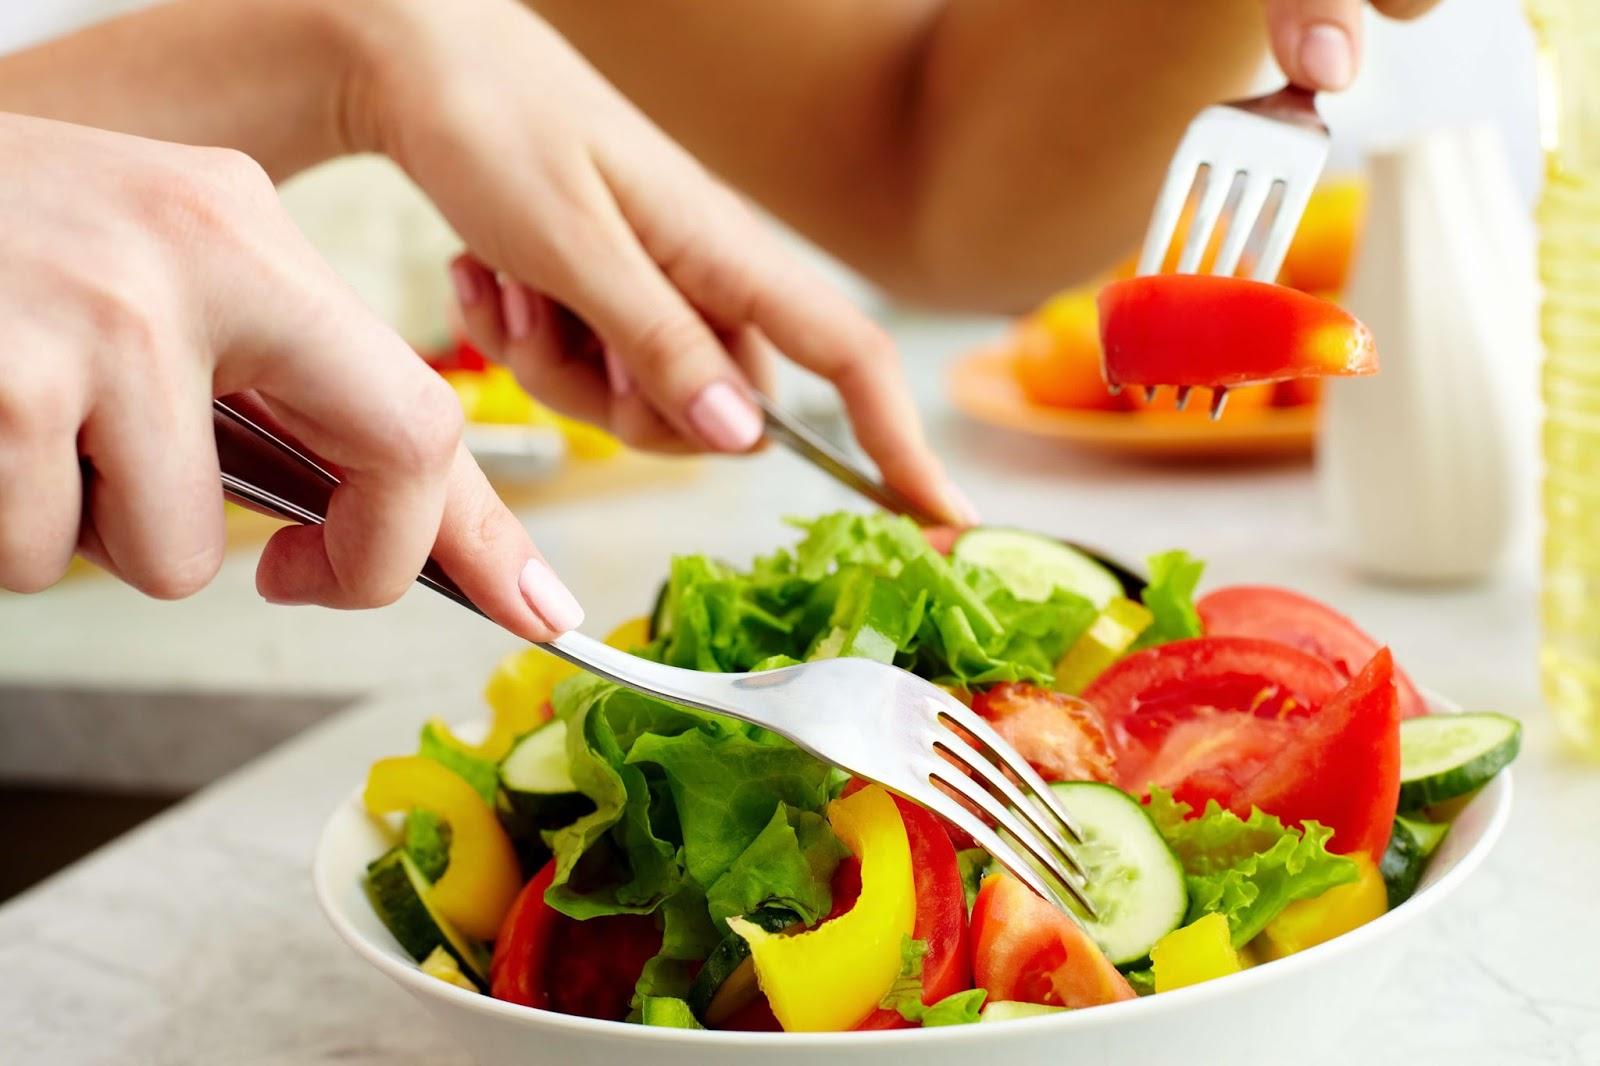 La réadaptation alimentaire : pourquoi, pour qui ?